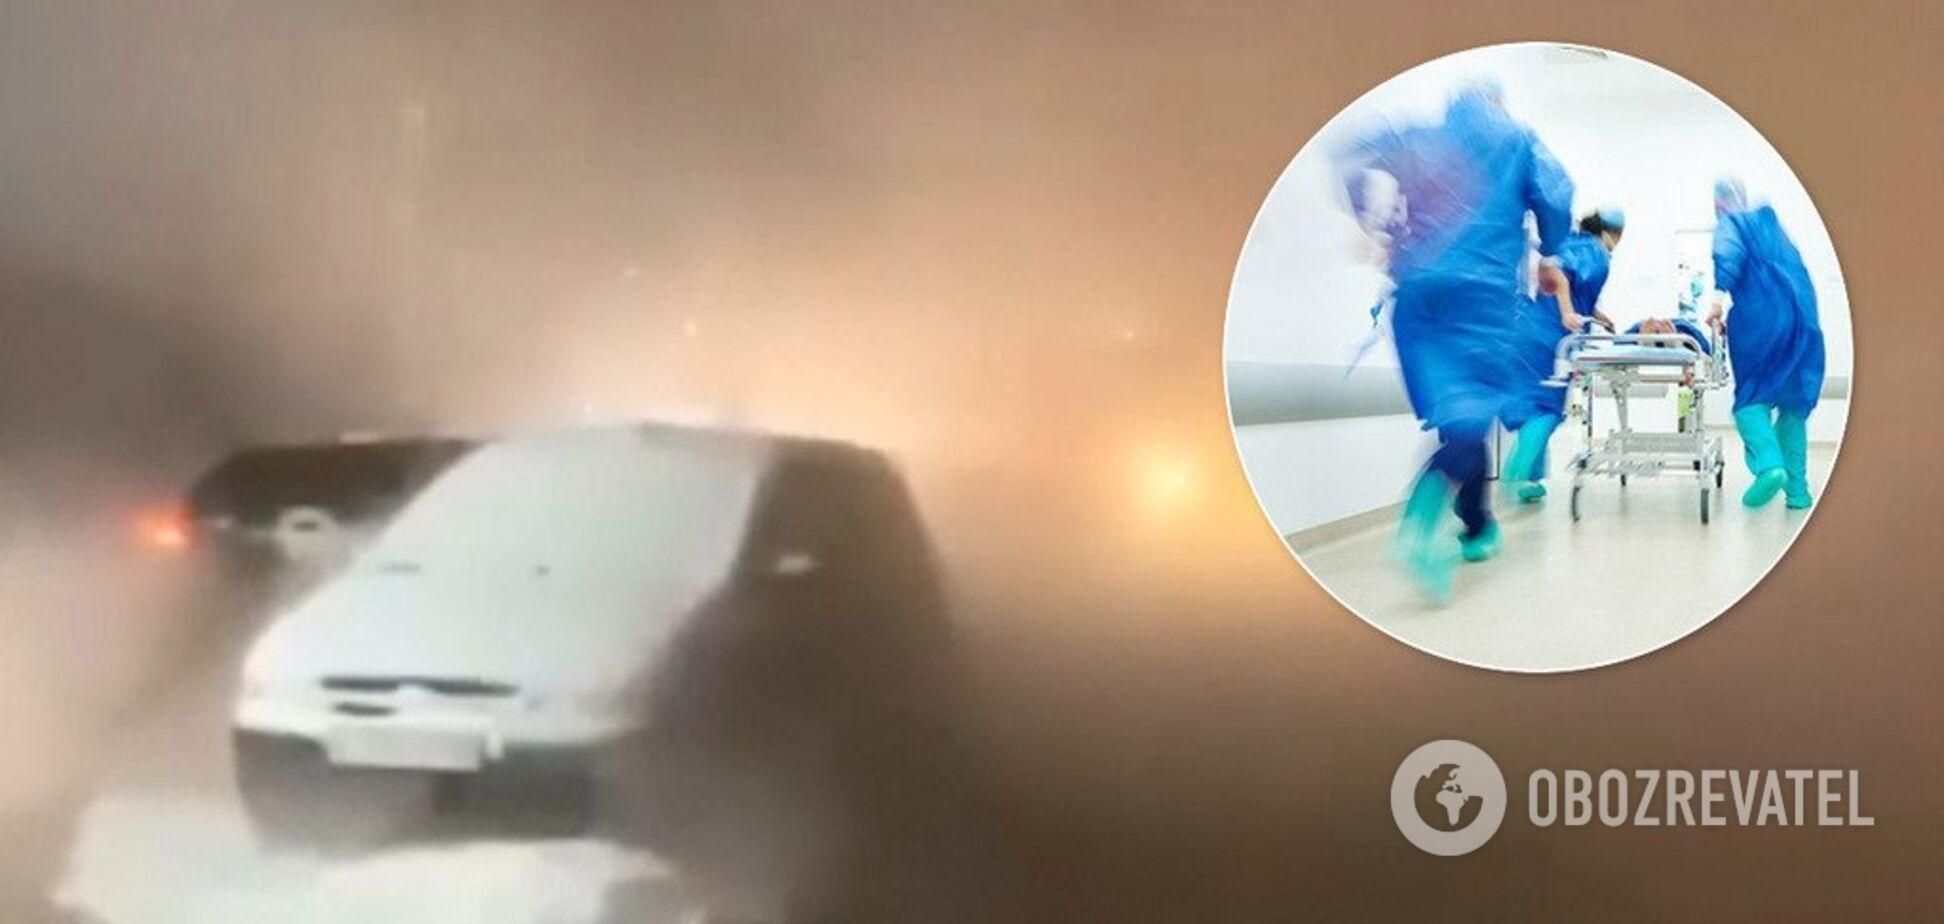 Никто не помог: в России девушки обварили ноги в луже с кипятком. Видео